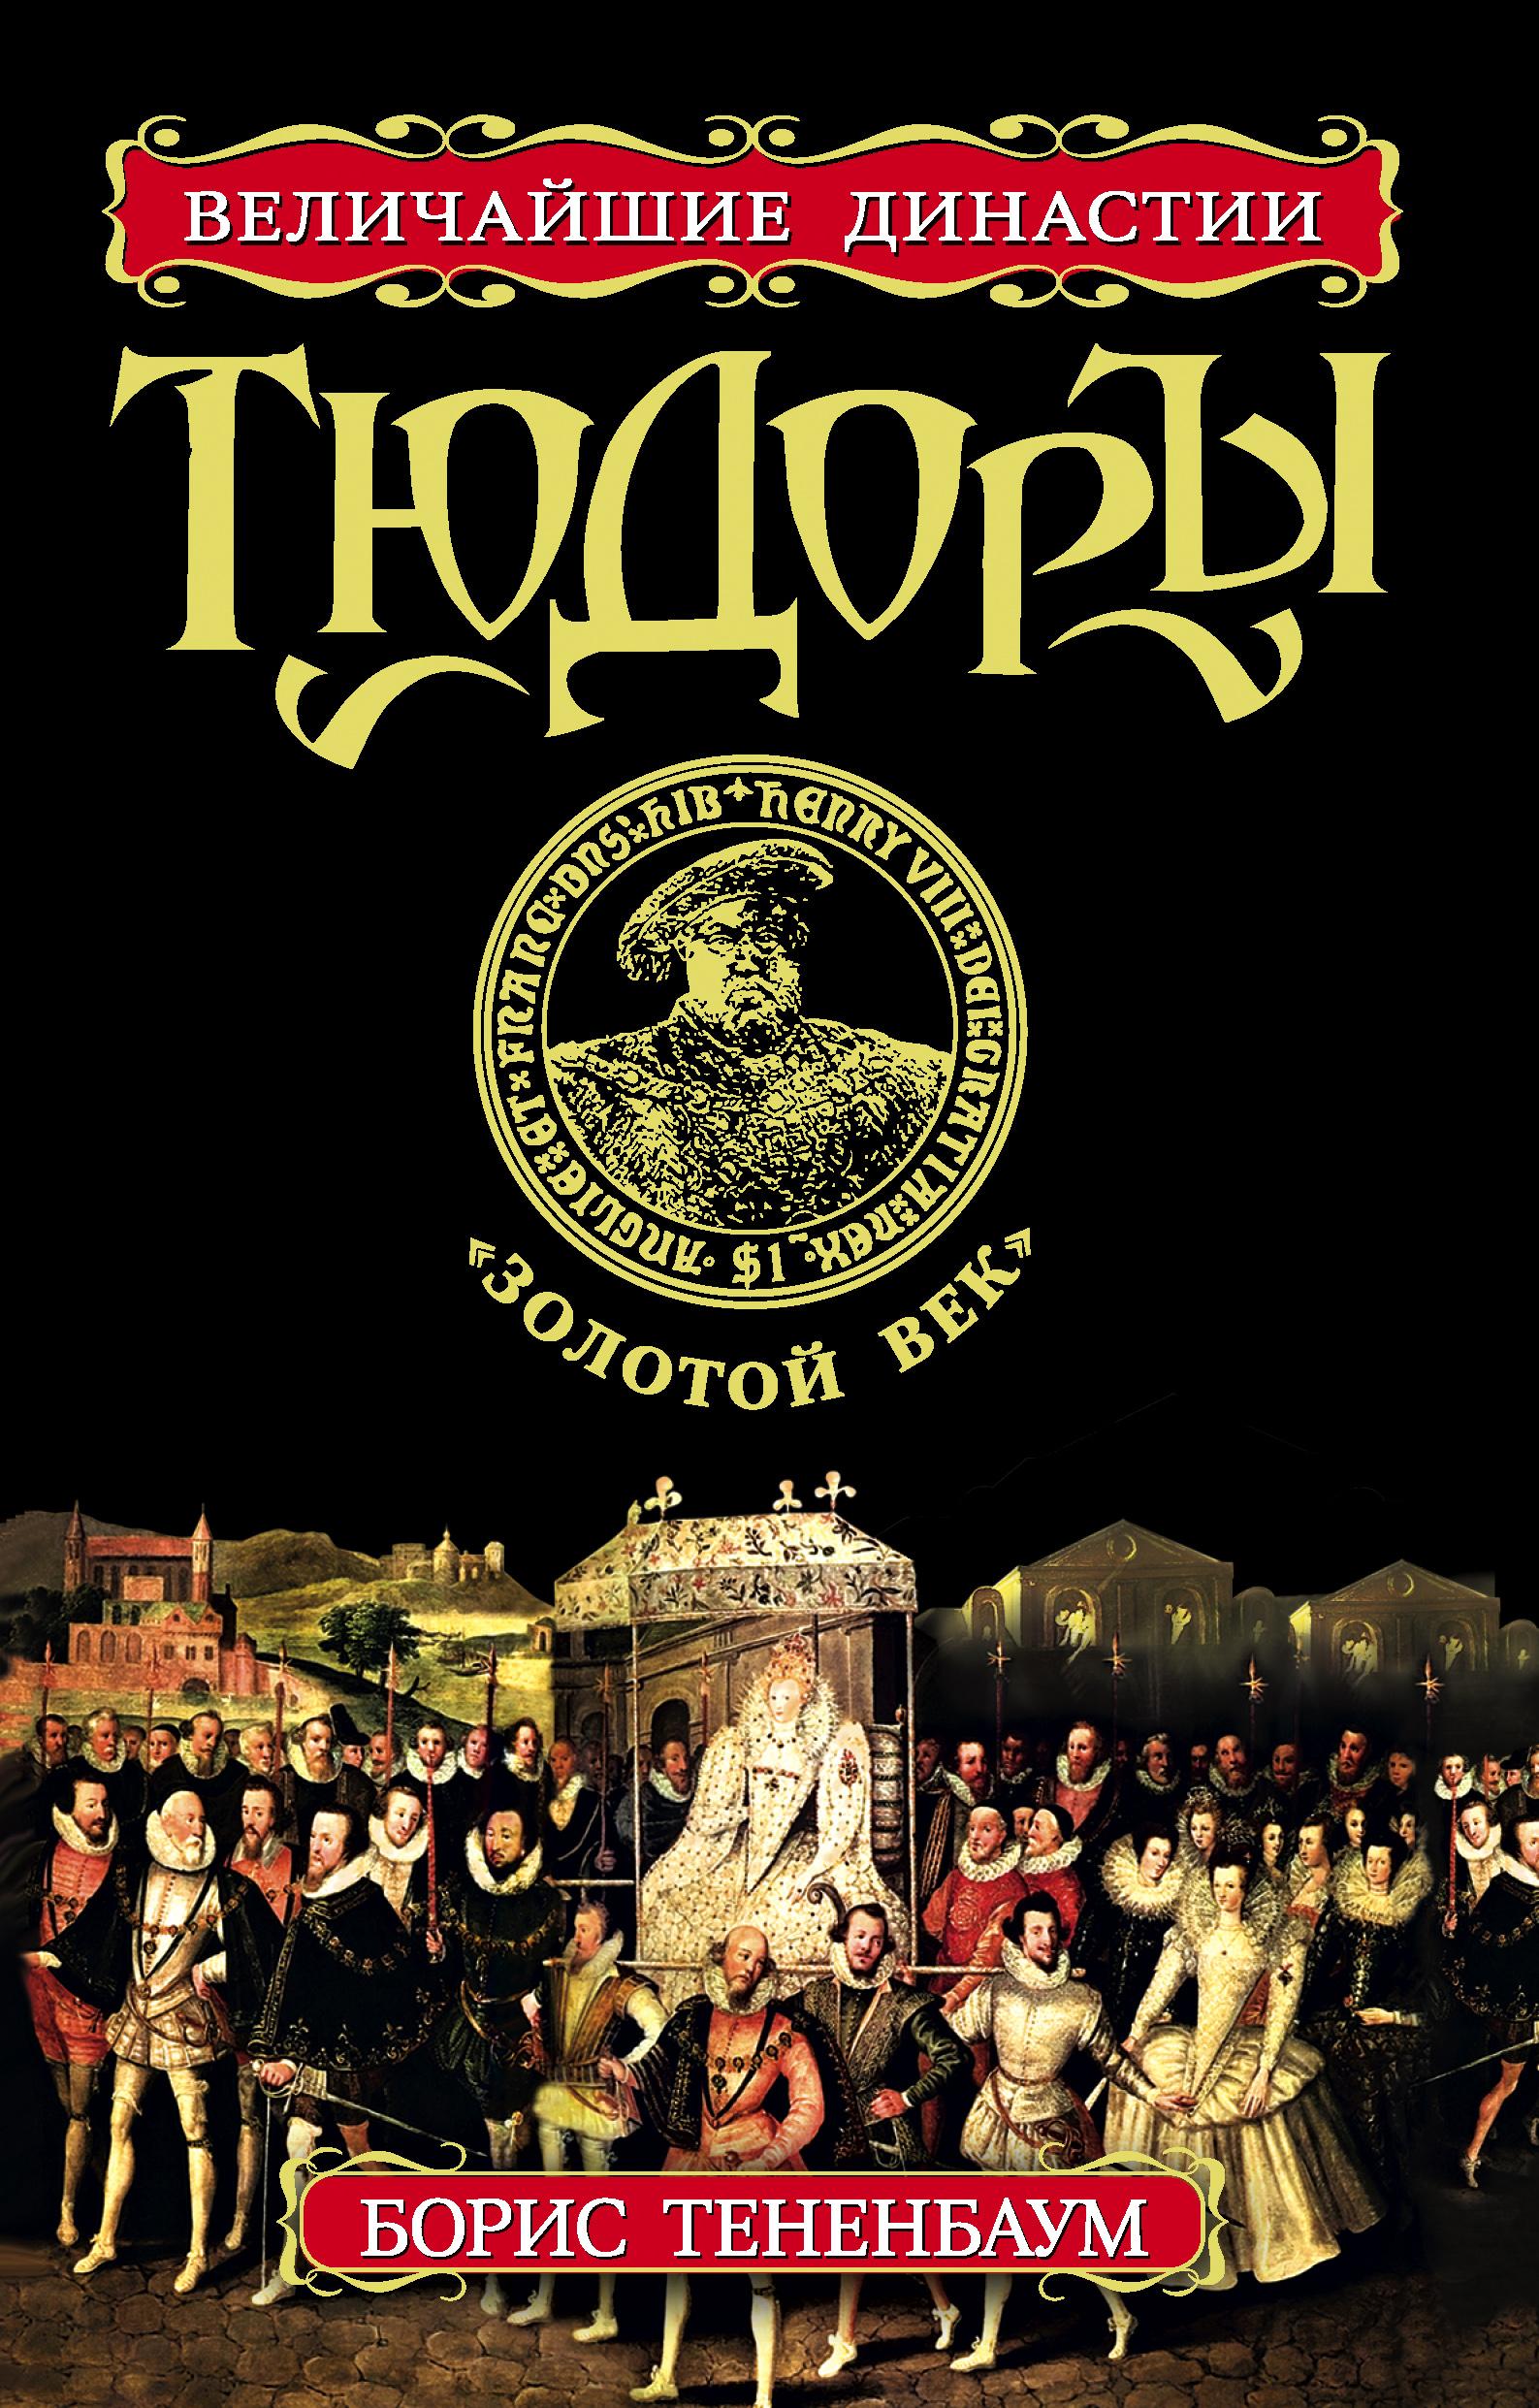 Тюдоры. «Золотой век»